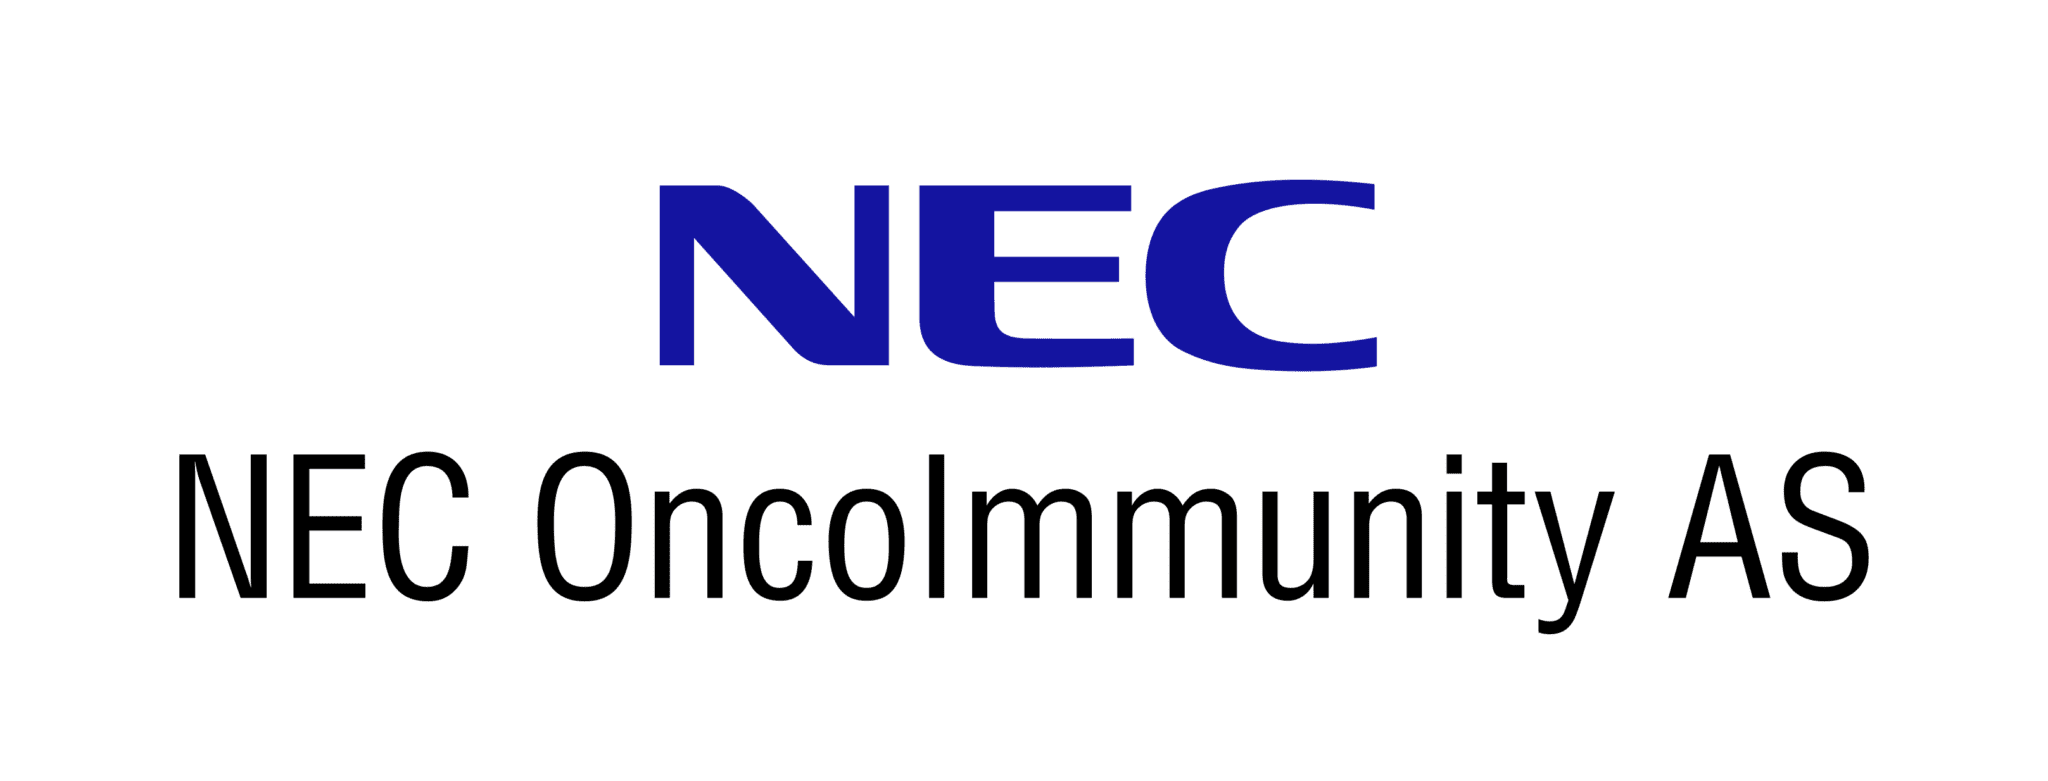 NEC OncoImmunity